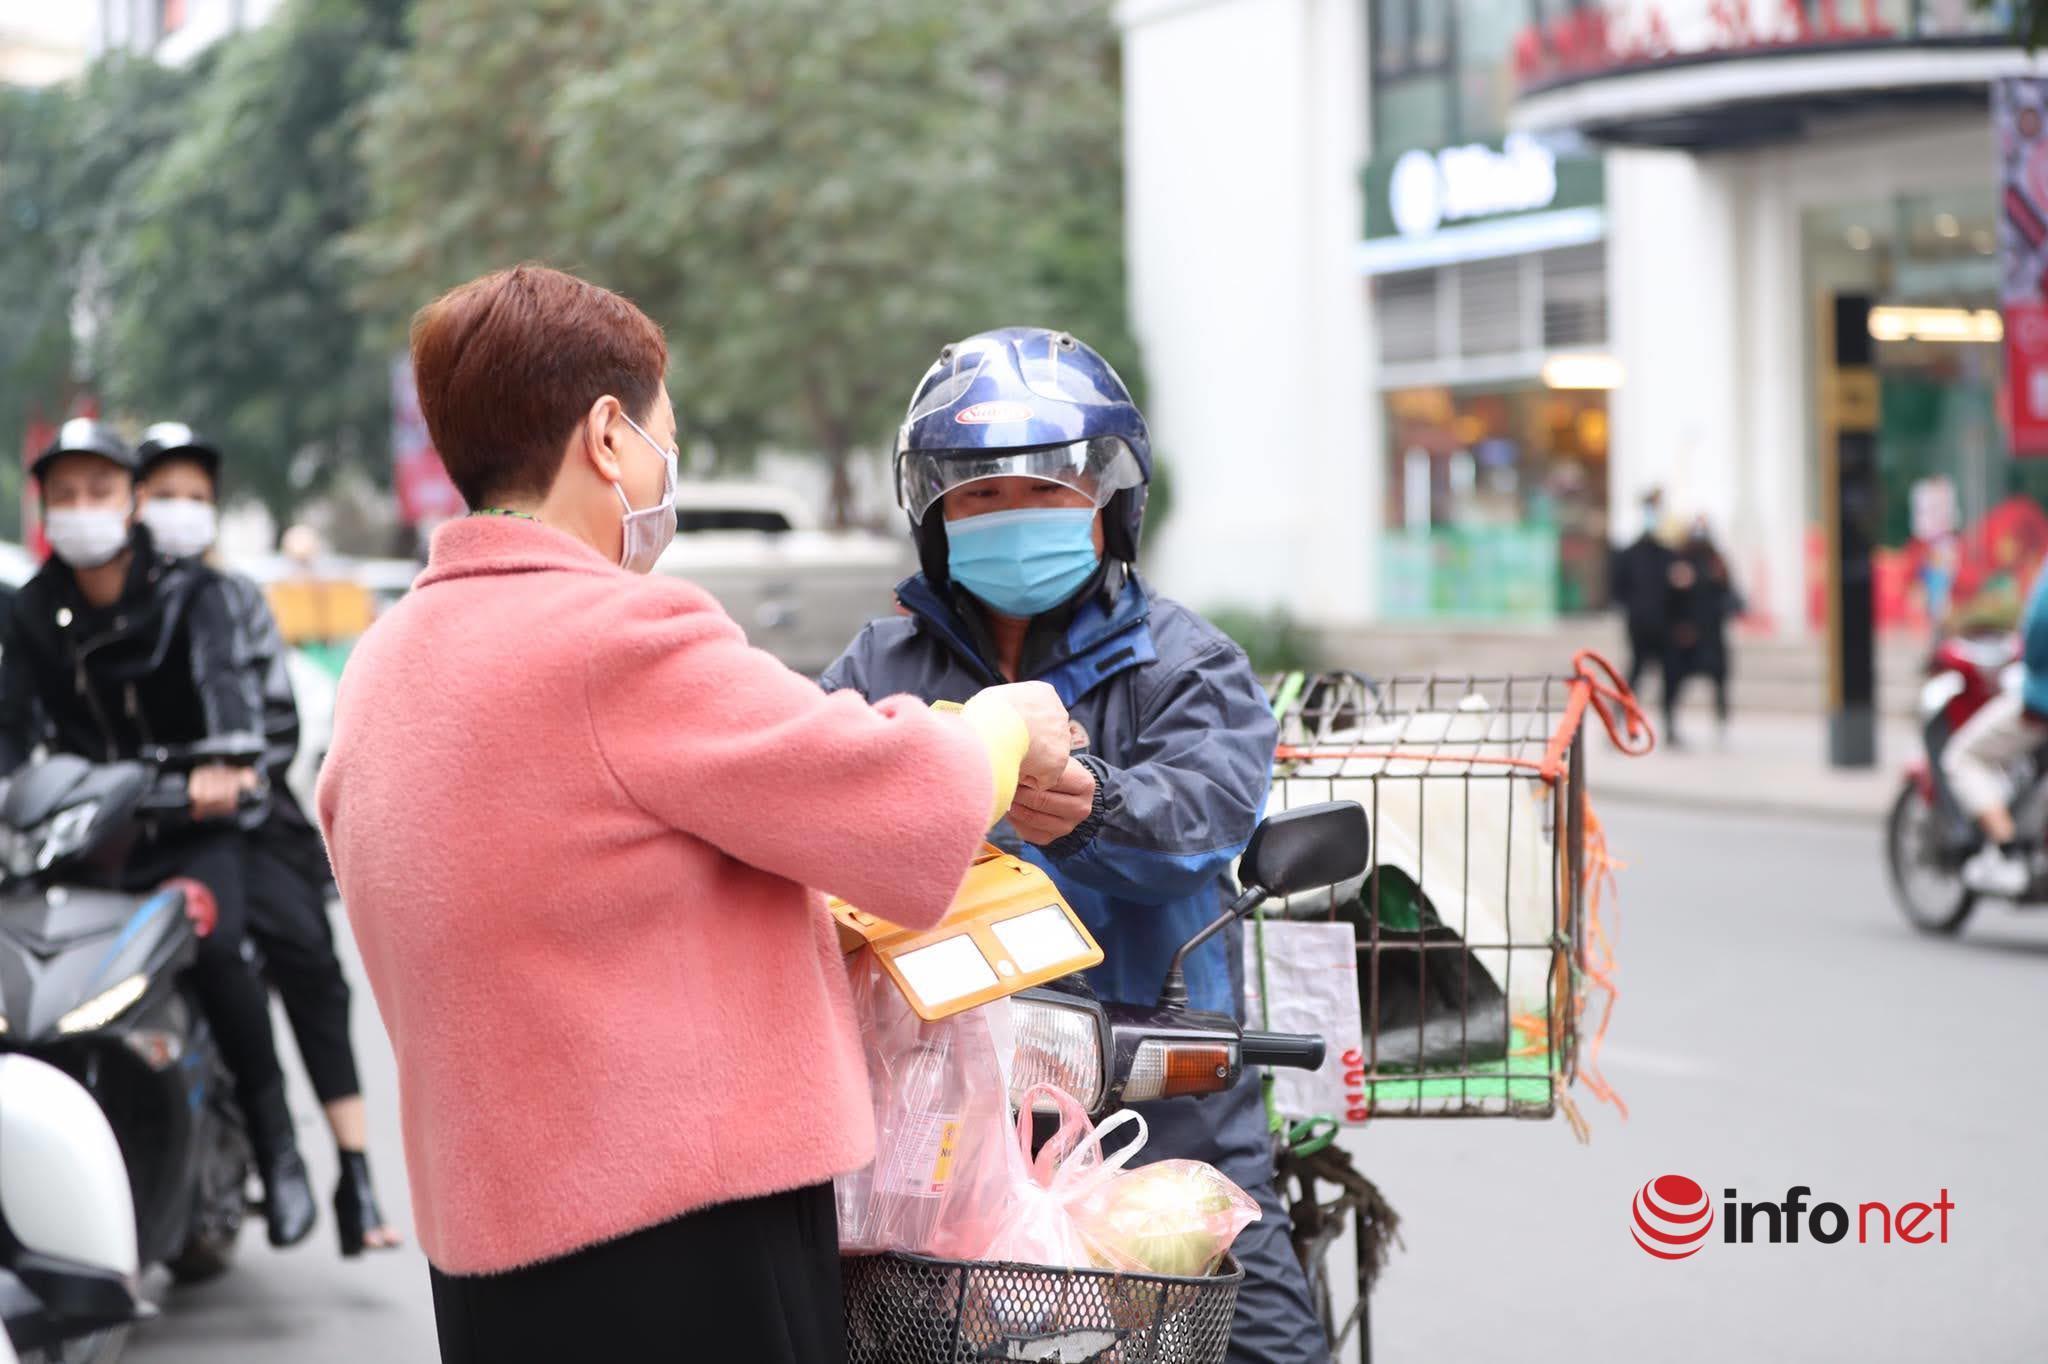 Hà Nội: Người nhà tay xách nách mang 'tiếp tế' cho cư dân chung cư phong tỏa